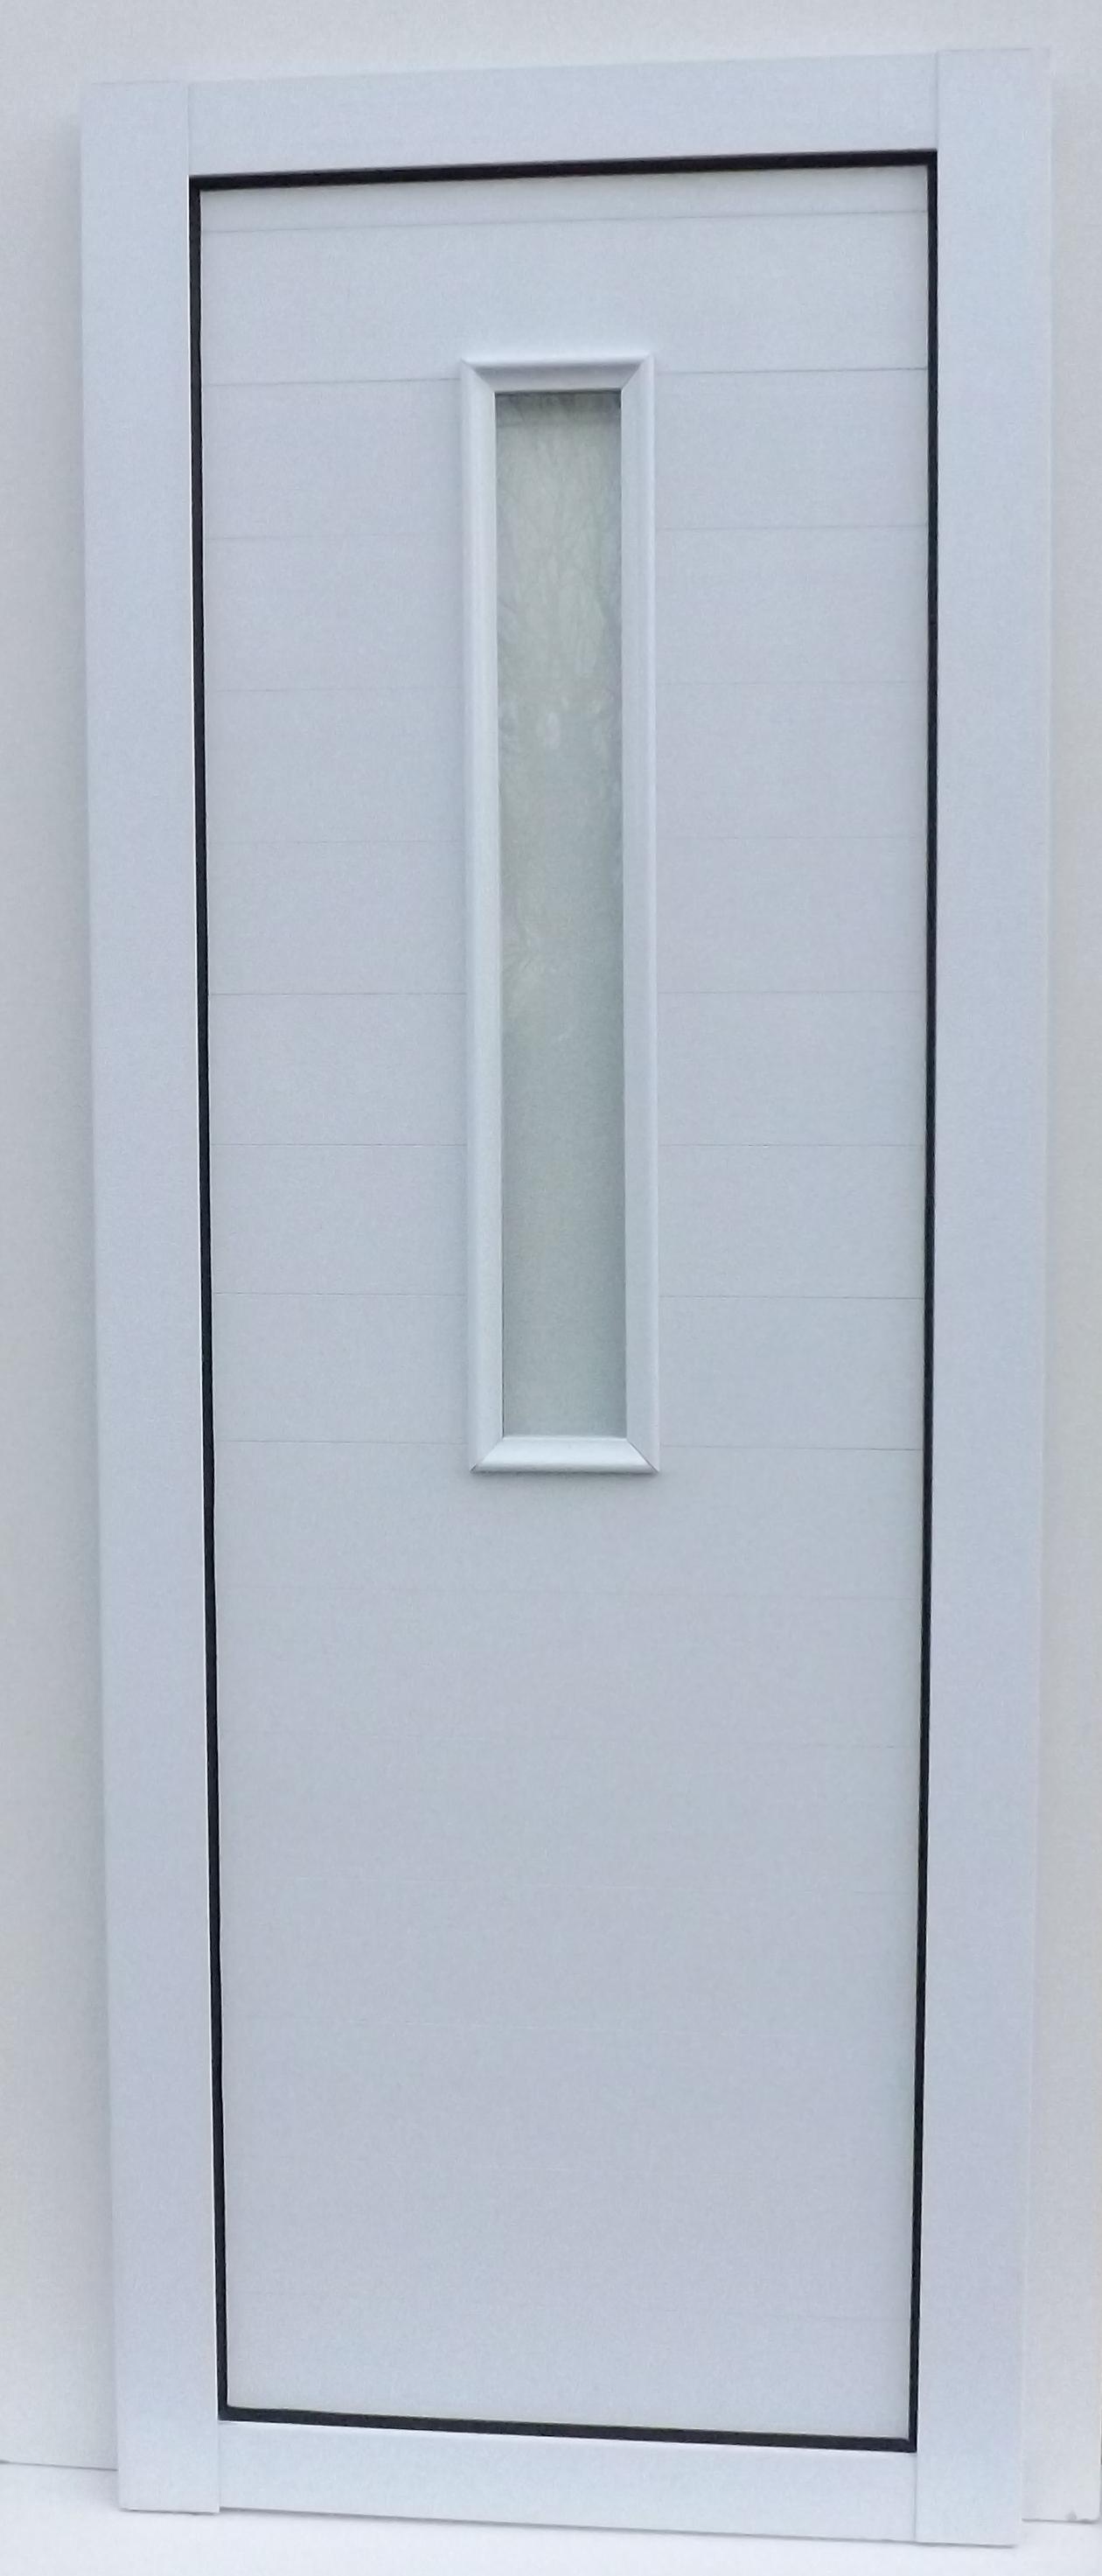 Puerta con vidrio vertical central